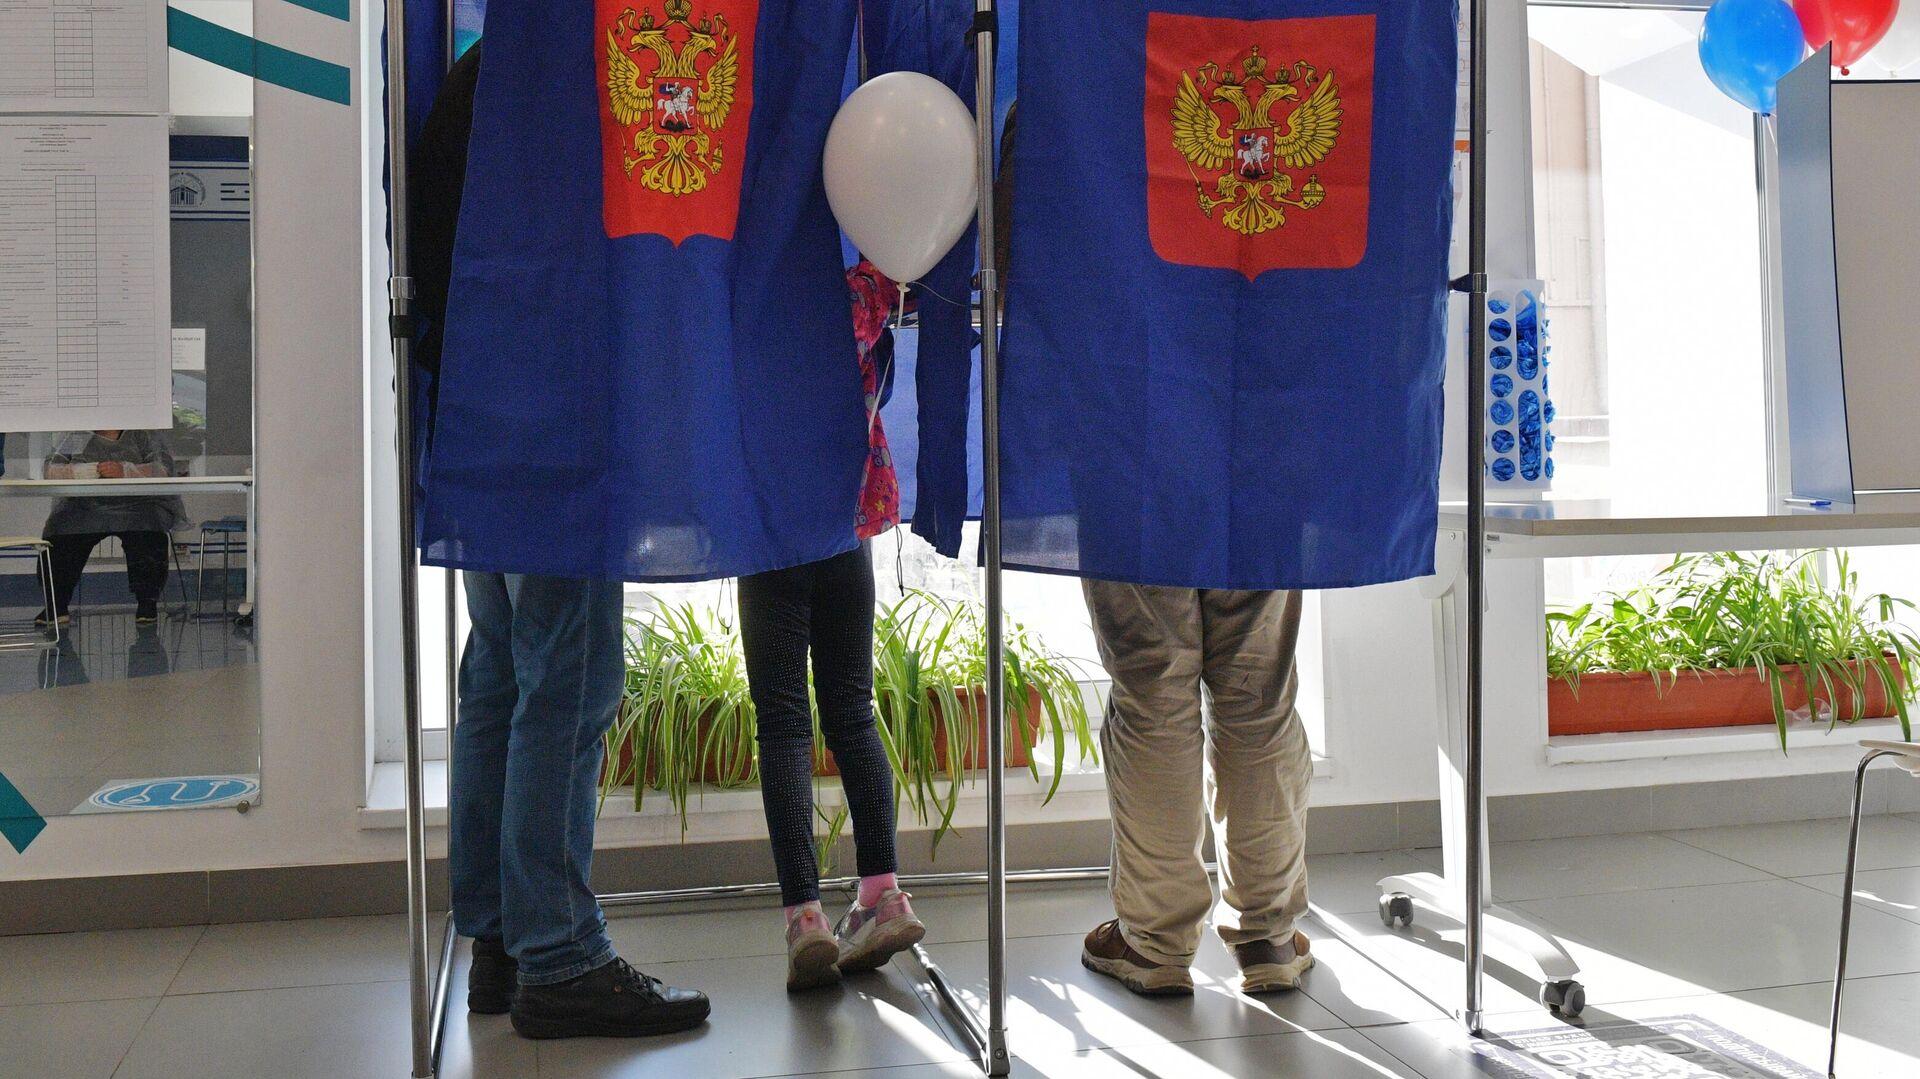 Избиратели голосуют на выборах депутатов Государственной Думы РФ на участке в Санкт-Петербурге - РИА Новости, 1920, 19.09.2021